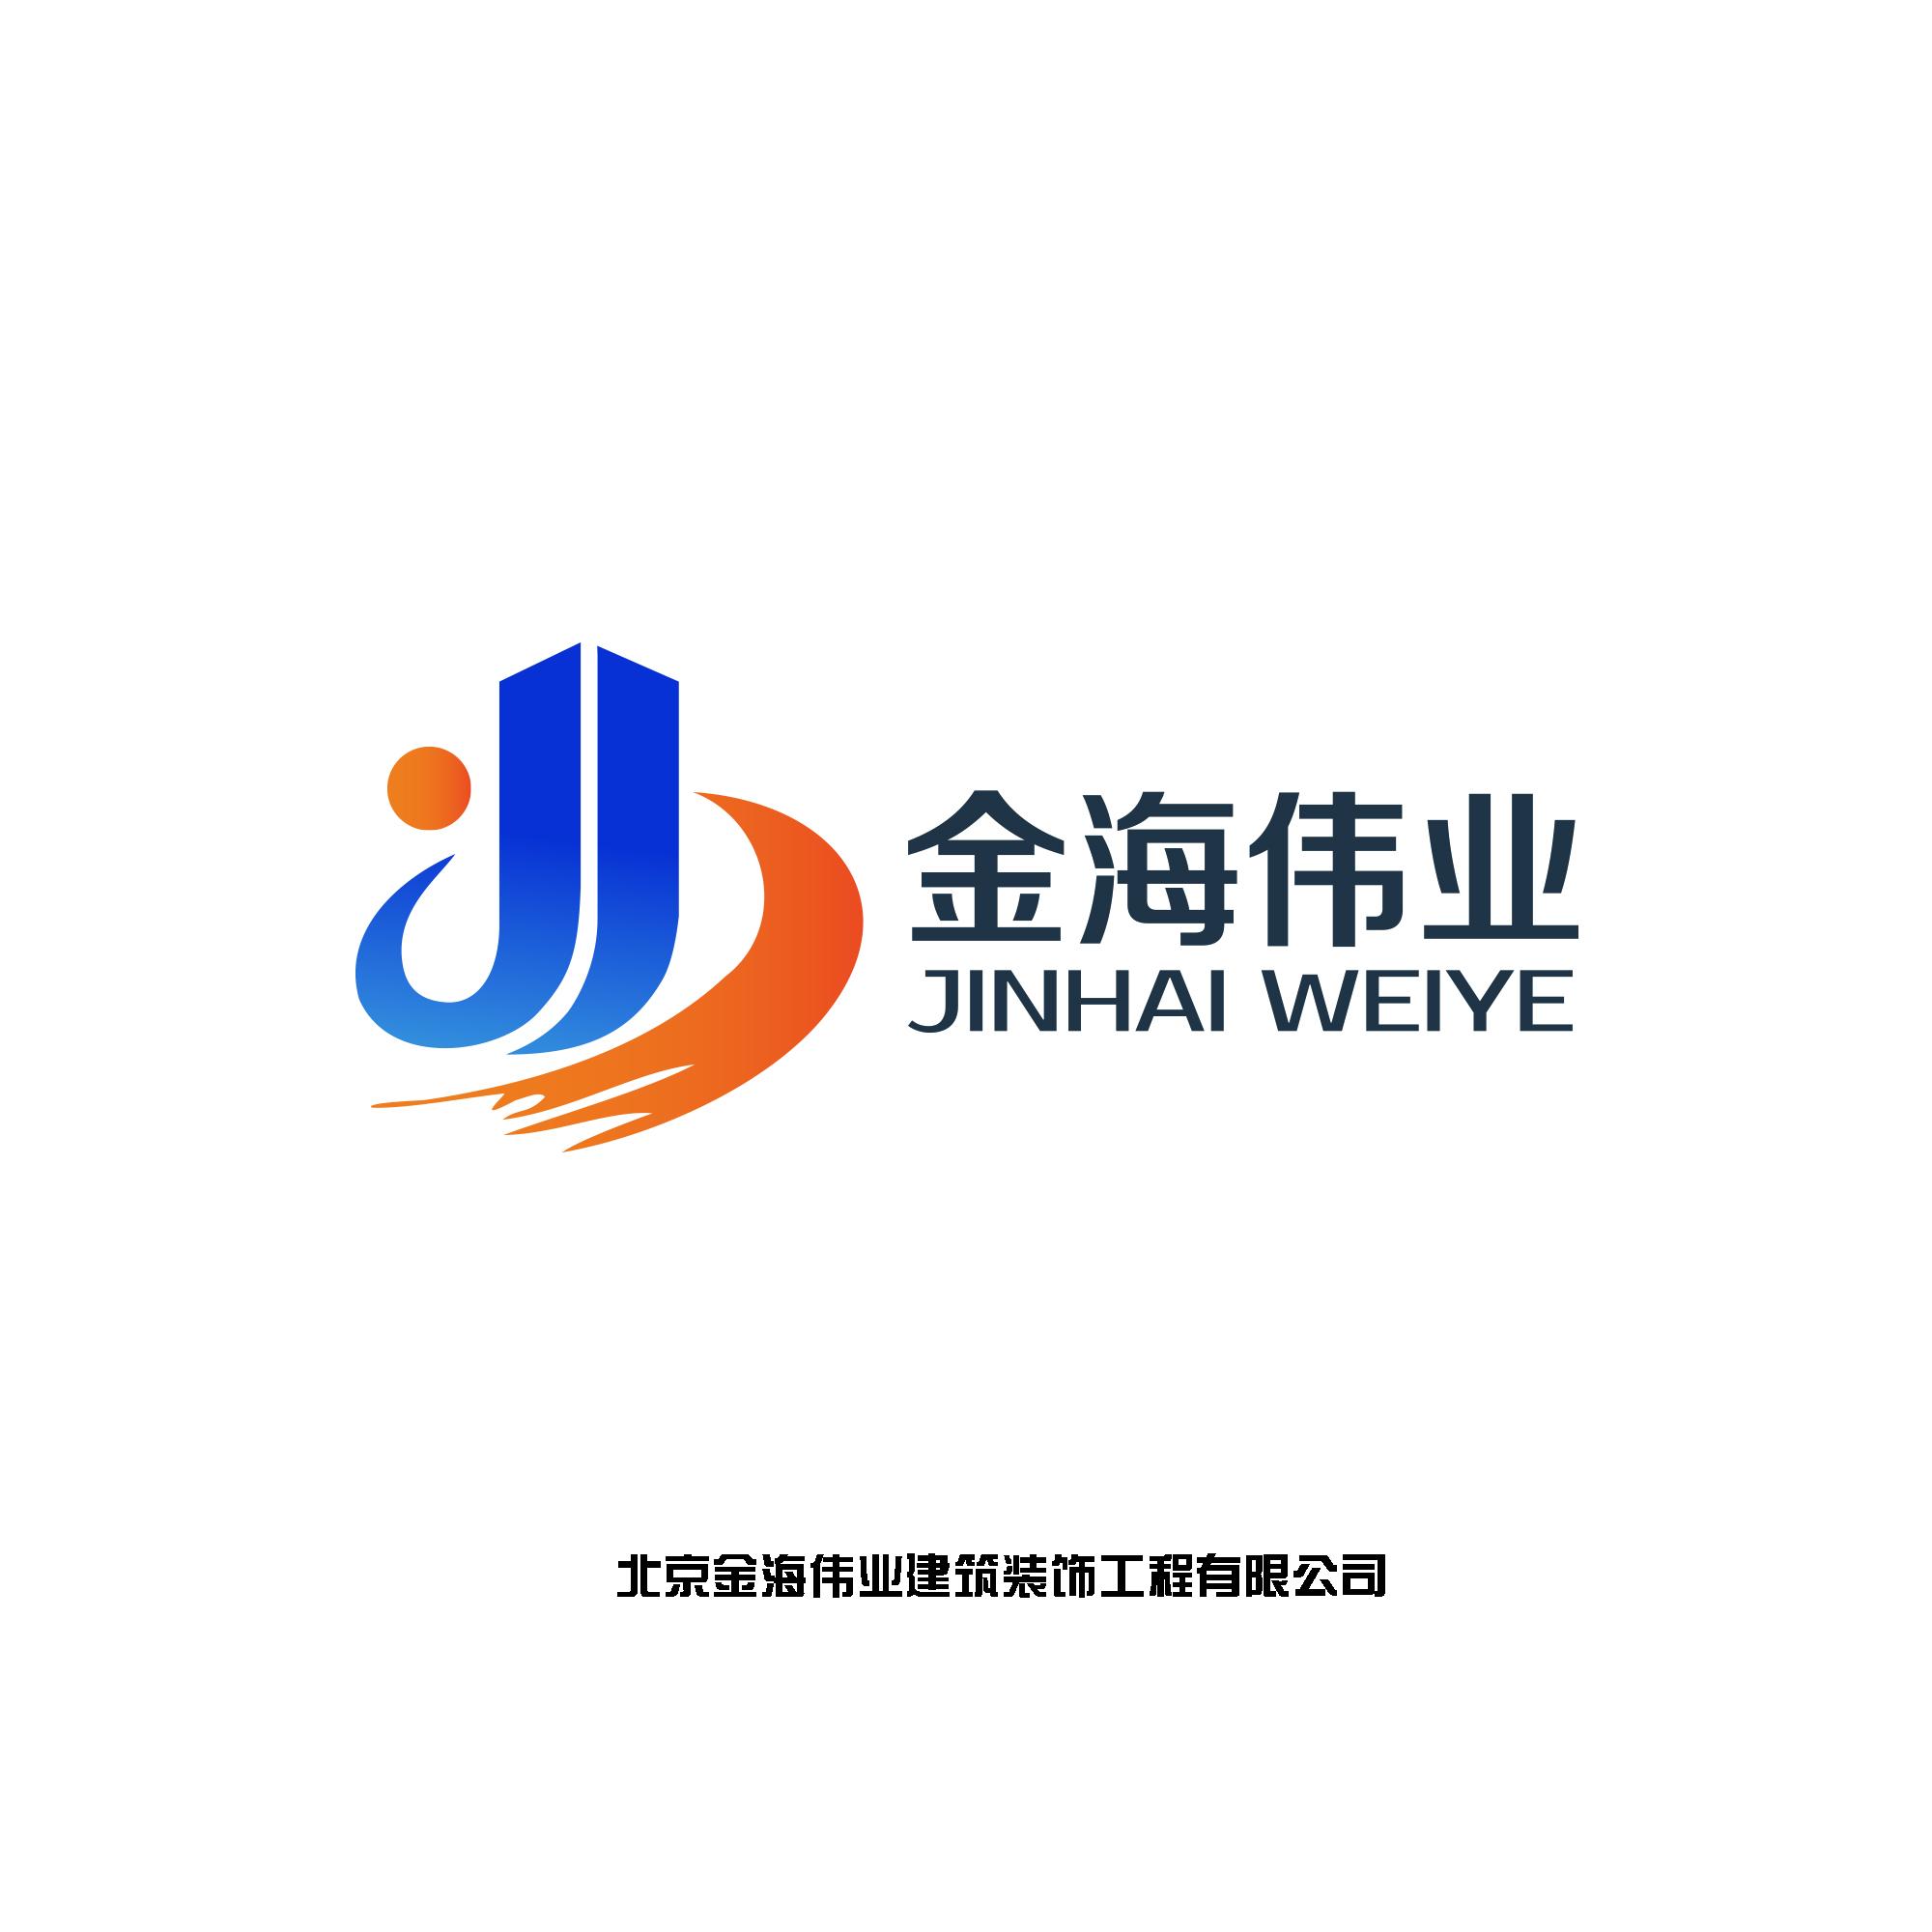 北京金海偉業建筑裝飾工程有限公司